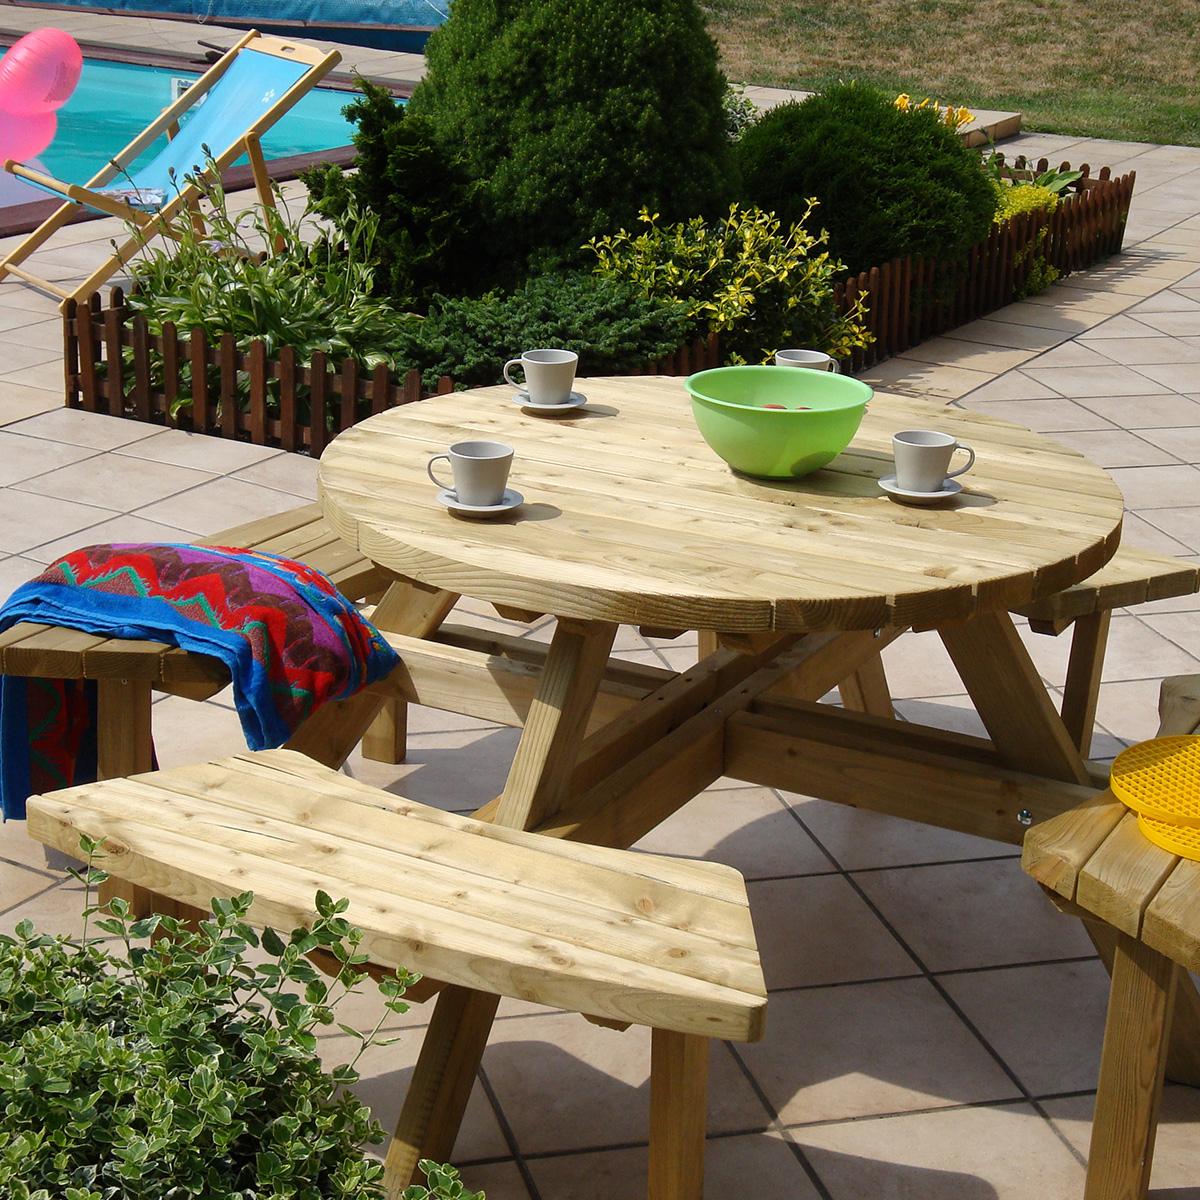 Bancs Table Pique-Nique destiné Table De Jardin En Bois Avec Banc Integre